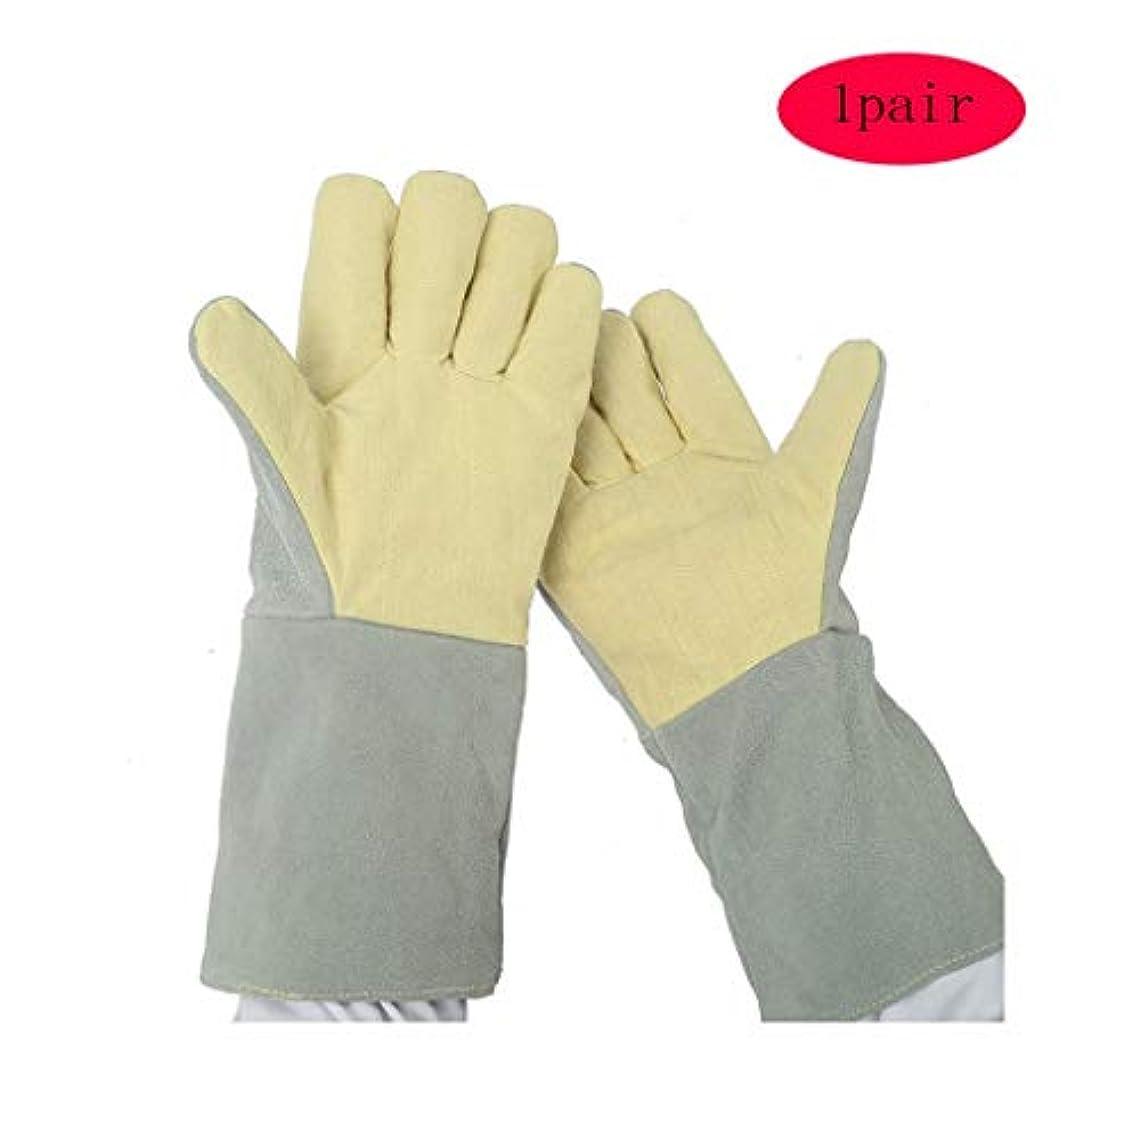 ウォーターフロント温度計宇宙船QCRLB 溶接用手袋/労働保護用手袋/整備工作用耐油滑り止め手袋/現場操作用耐摩耗手袋/ダブル1個/ -38cm ゴム手袋